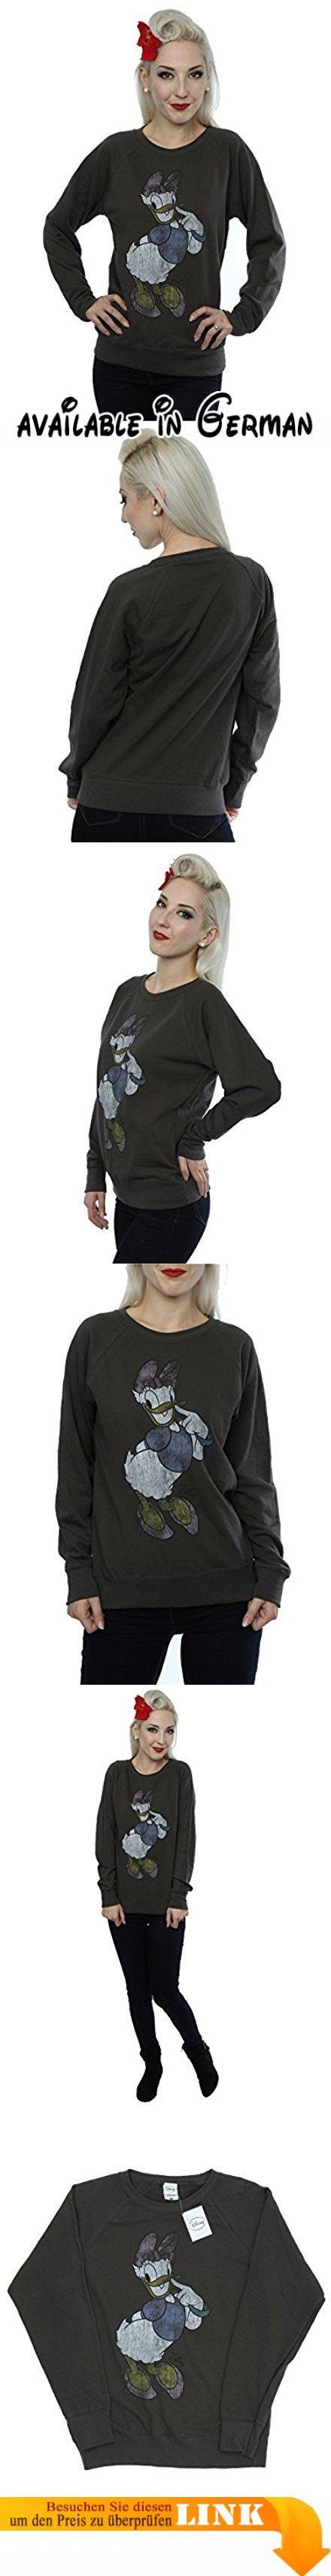 Disney Damen Classic Daisy Duck Sweatshirt X-Small Licht Graphite. Offiziell lizenzierte Waren mit allen autorisierten Lizenzgeber Branding, Verpackung und Kennzeichnung. 240gsm leichtes Kleidungsstück perfekt für den Sommer oder tragen das ganze Jahr über.. Leichtes unbrushed Vlies, Raglanärmel und geformter Seitennähte für eine feminine Form.. Bitte überprüfen Sie Ihre Dimensionierung Enttäuschungen zu vermeiden. Unsere Größe X-Small ist das Äquivalent eines